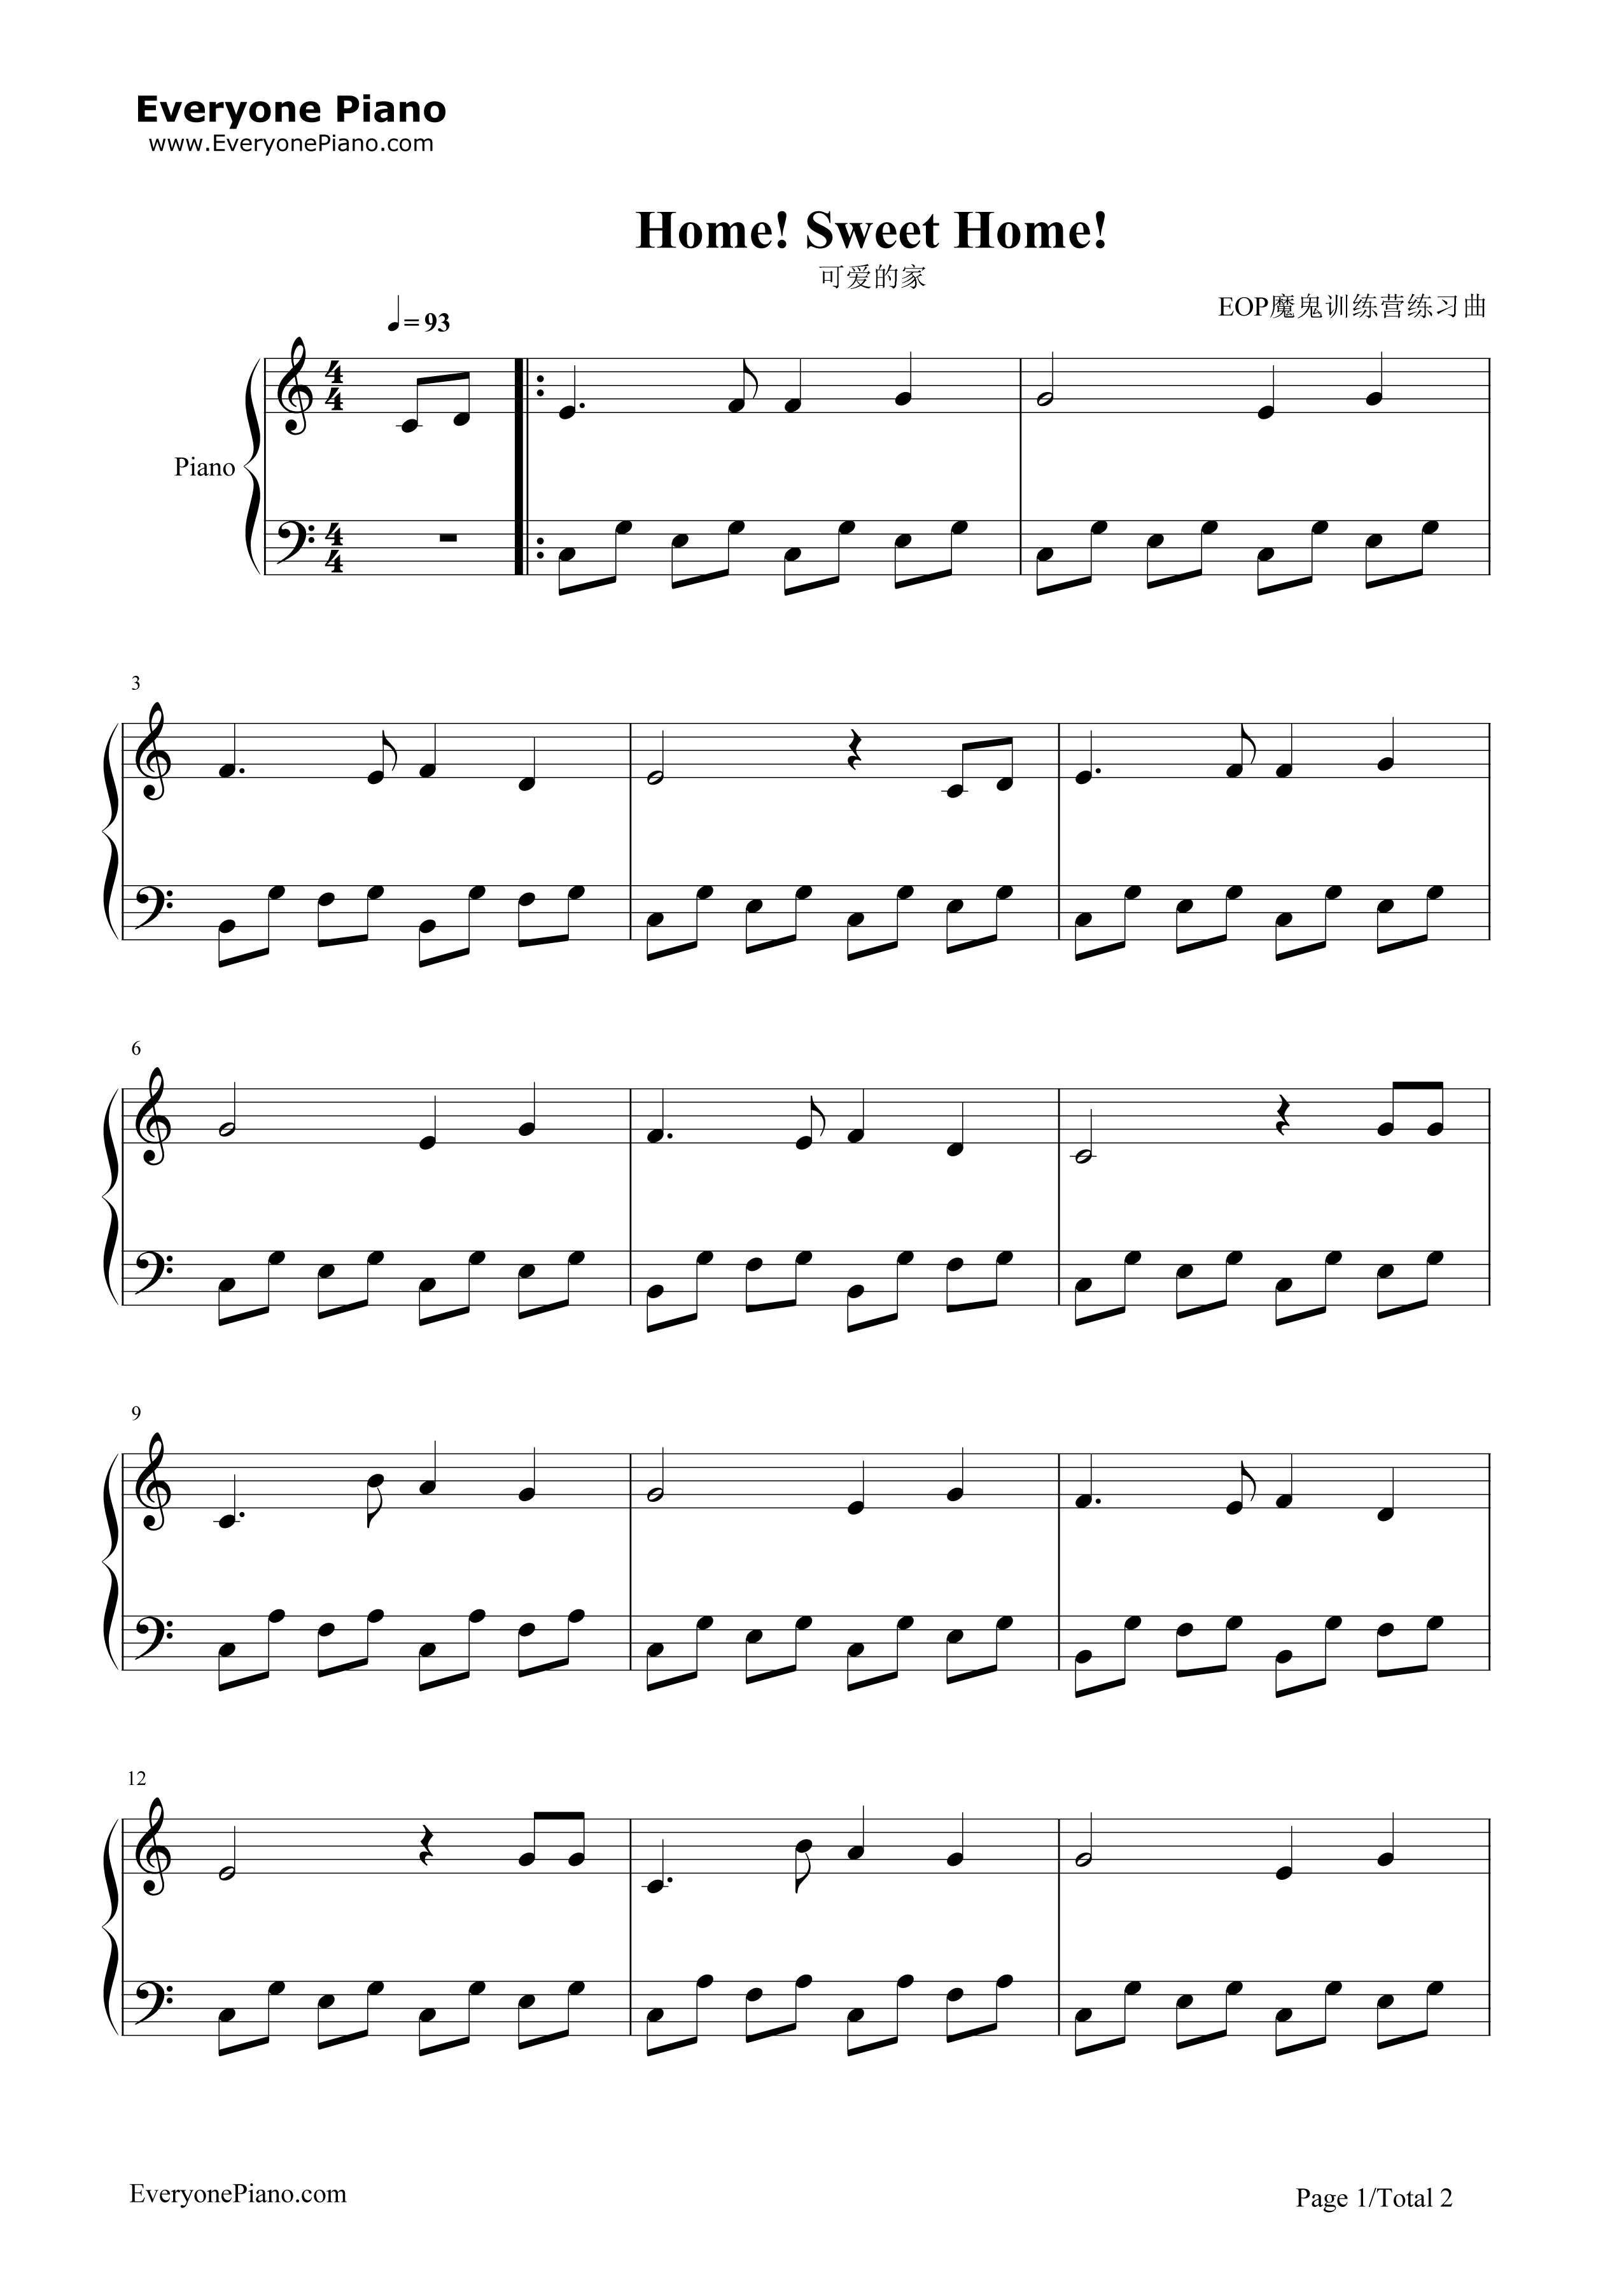 钢琴曲谱 民乐 可爱的家-苏格兰民歌 可爱的家-苏格兰民歌五线谱预览1